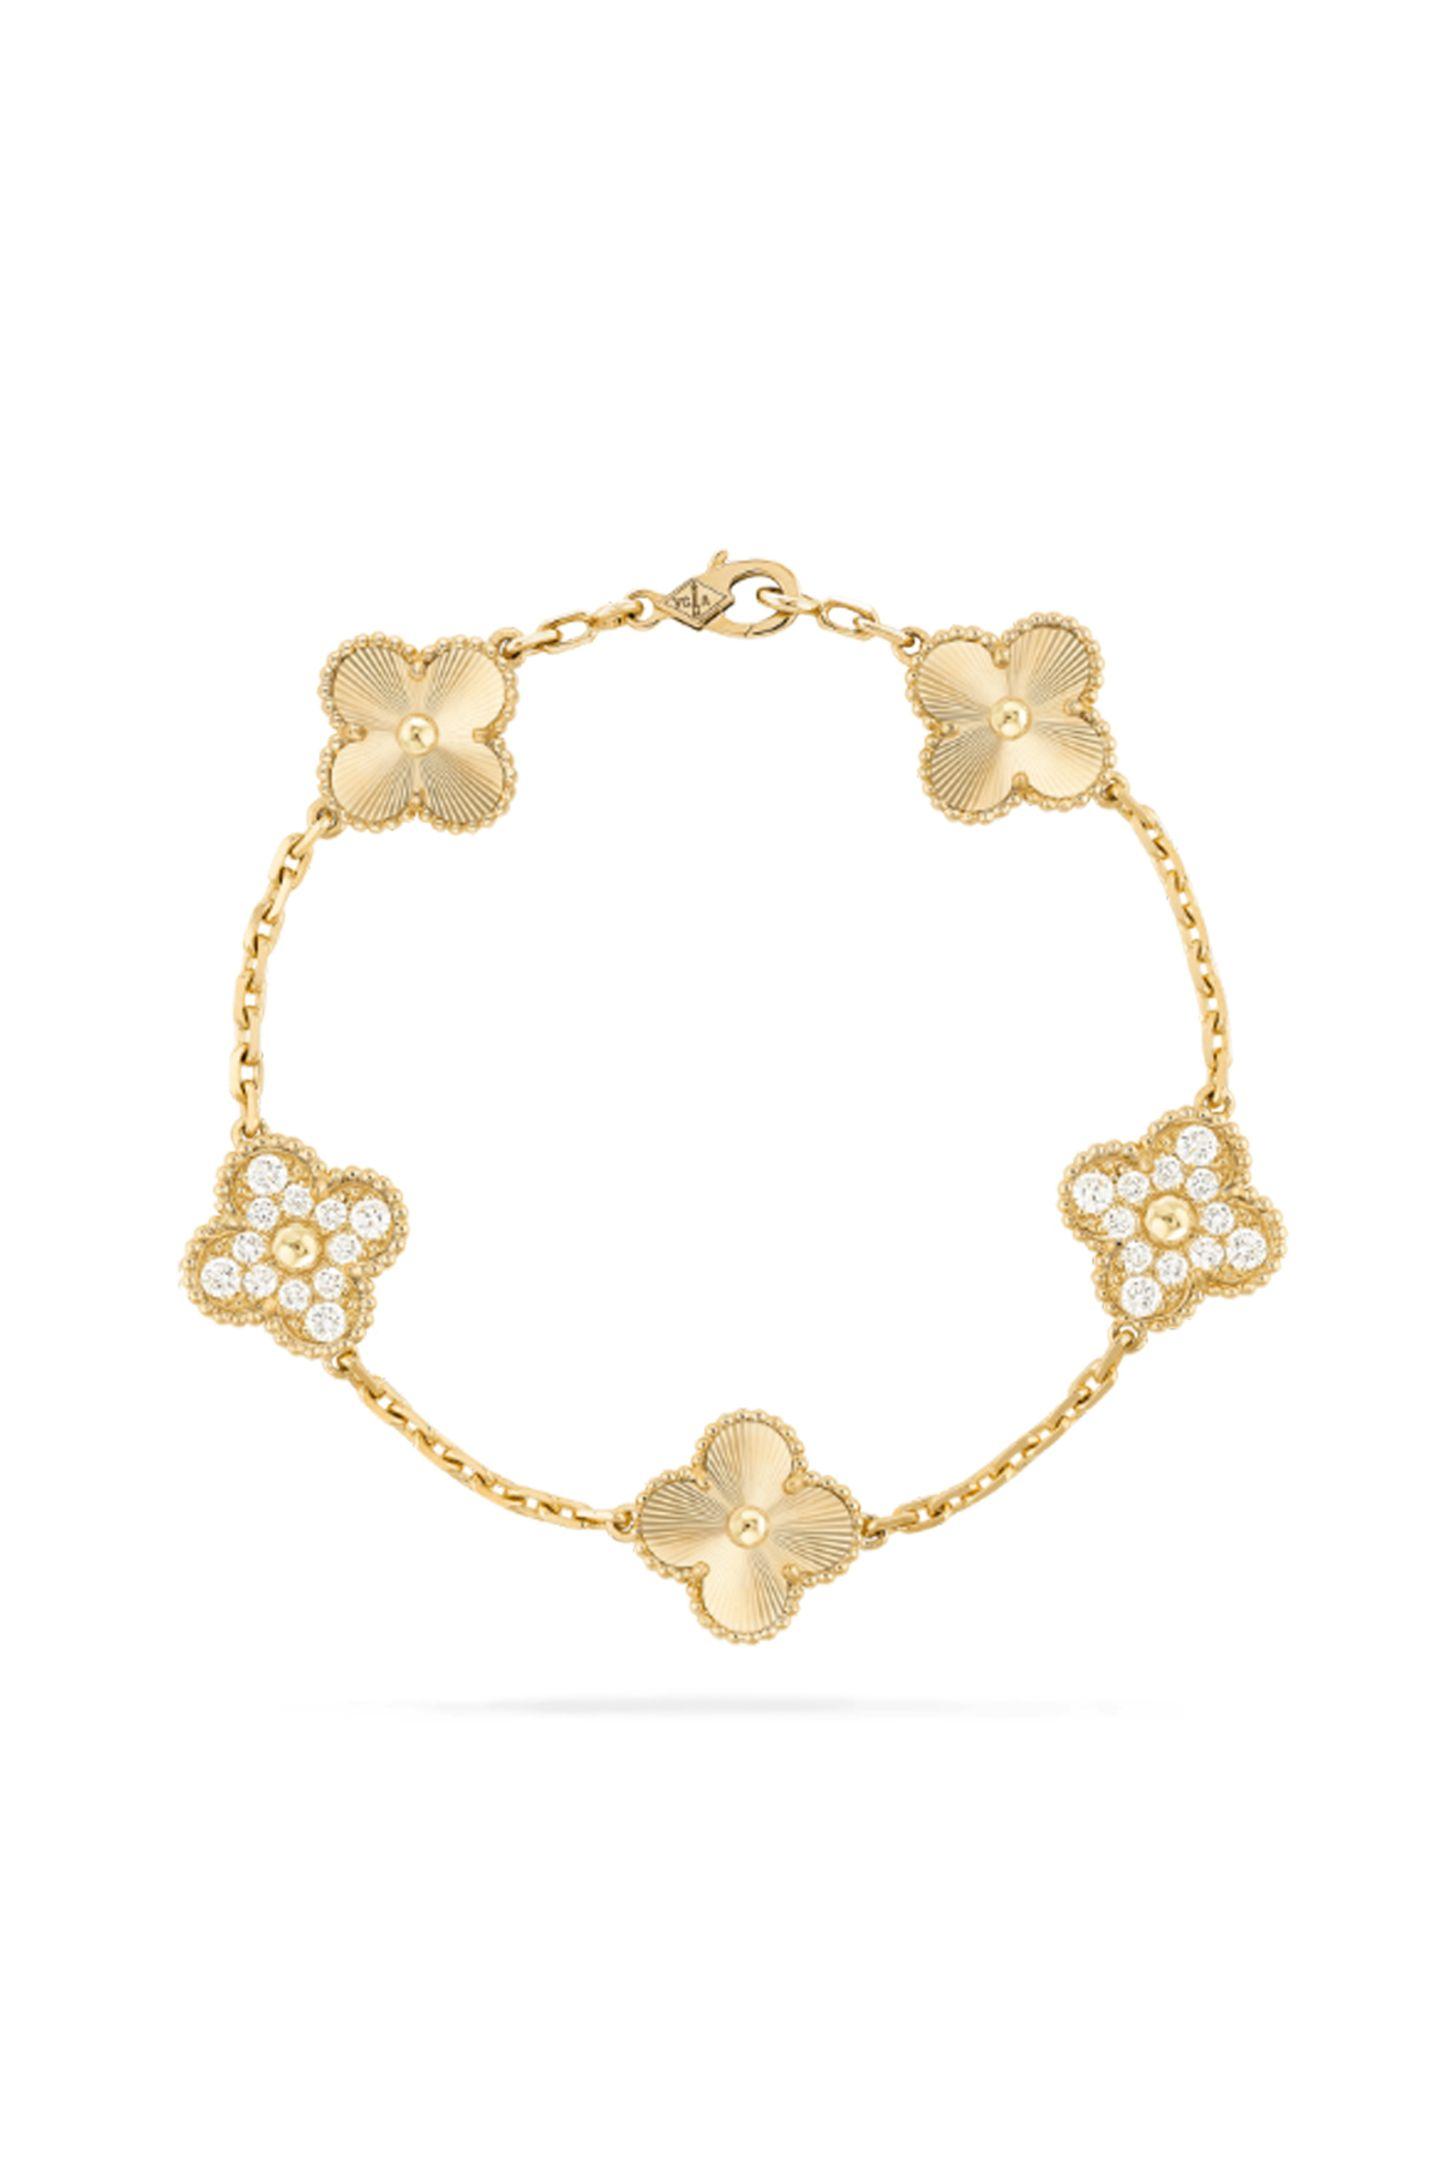 Goldiger GlücksbringerDas ikonische Kleeblatt-Design erfährt durch erlesene Diamanten und guillochiertes Gelbgold ein wunderschönes Upgrade. Vintage Alhambra Armband mit fünf Elementen von Van Cleef & Arpels, ca. 12.600 Euro